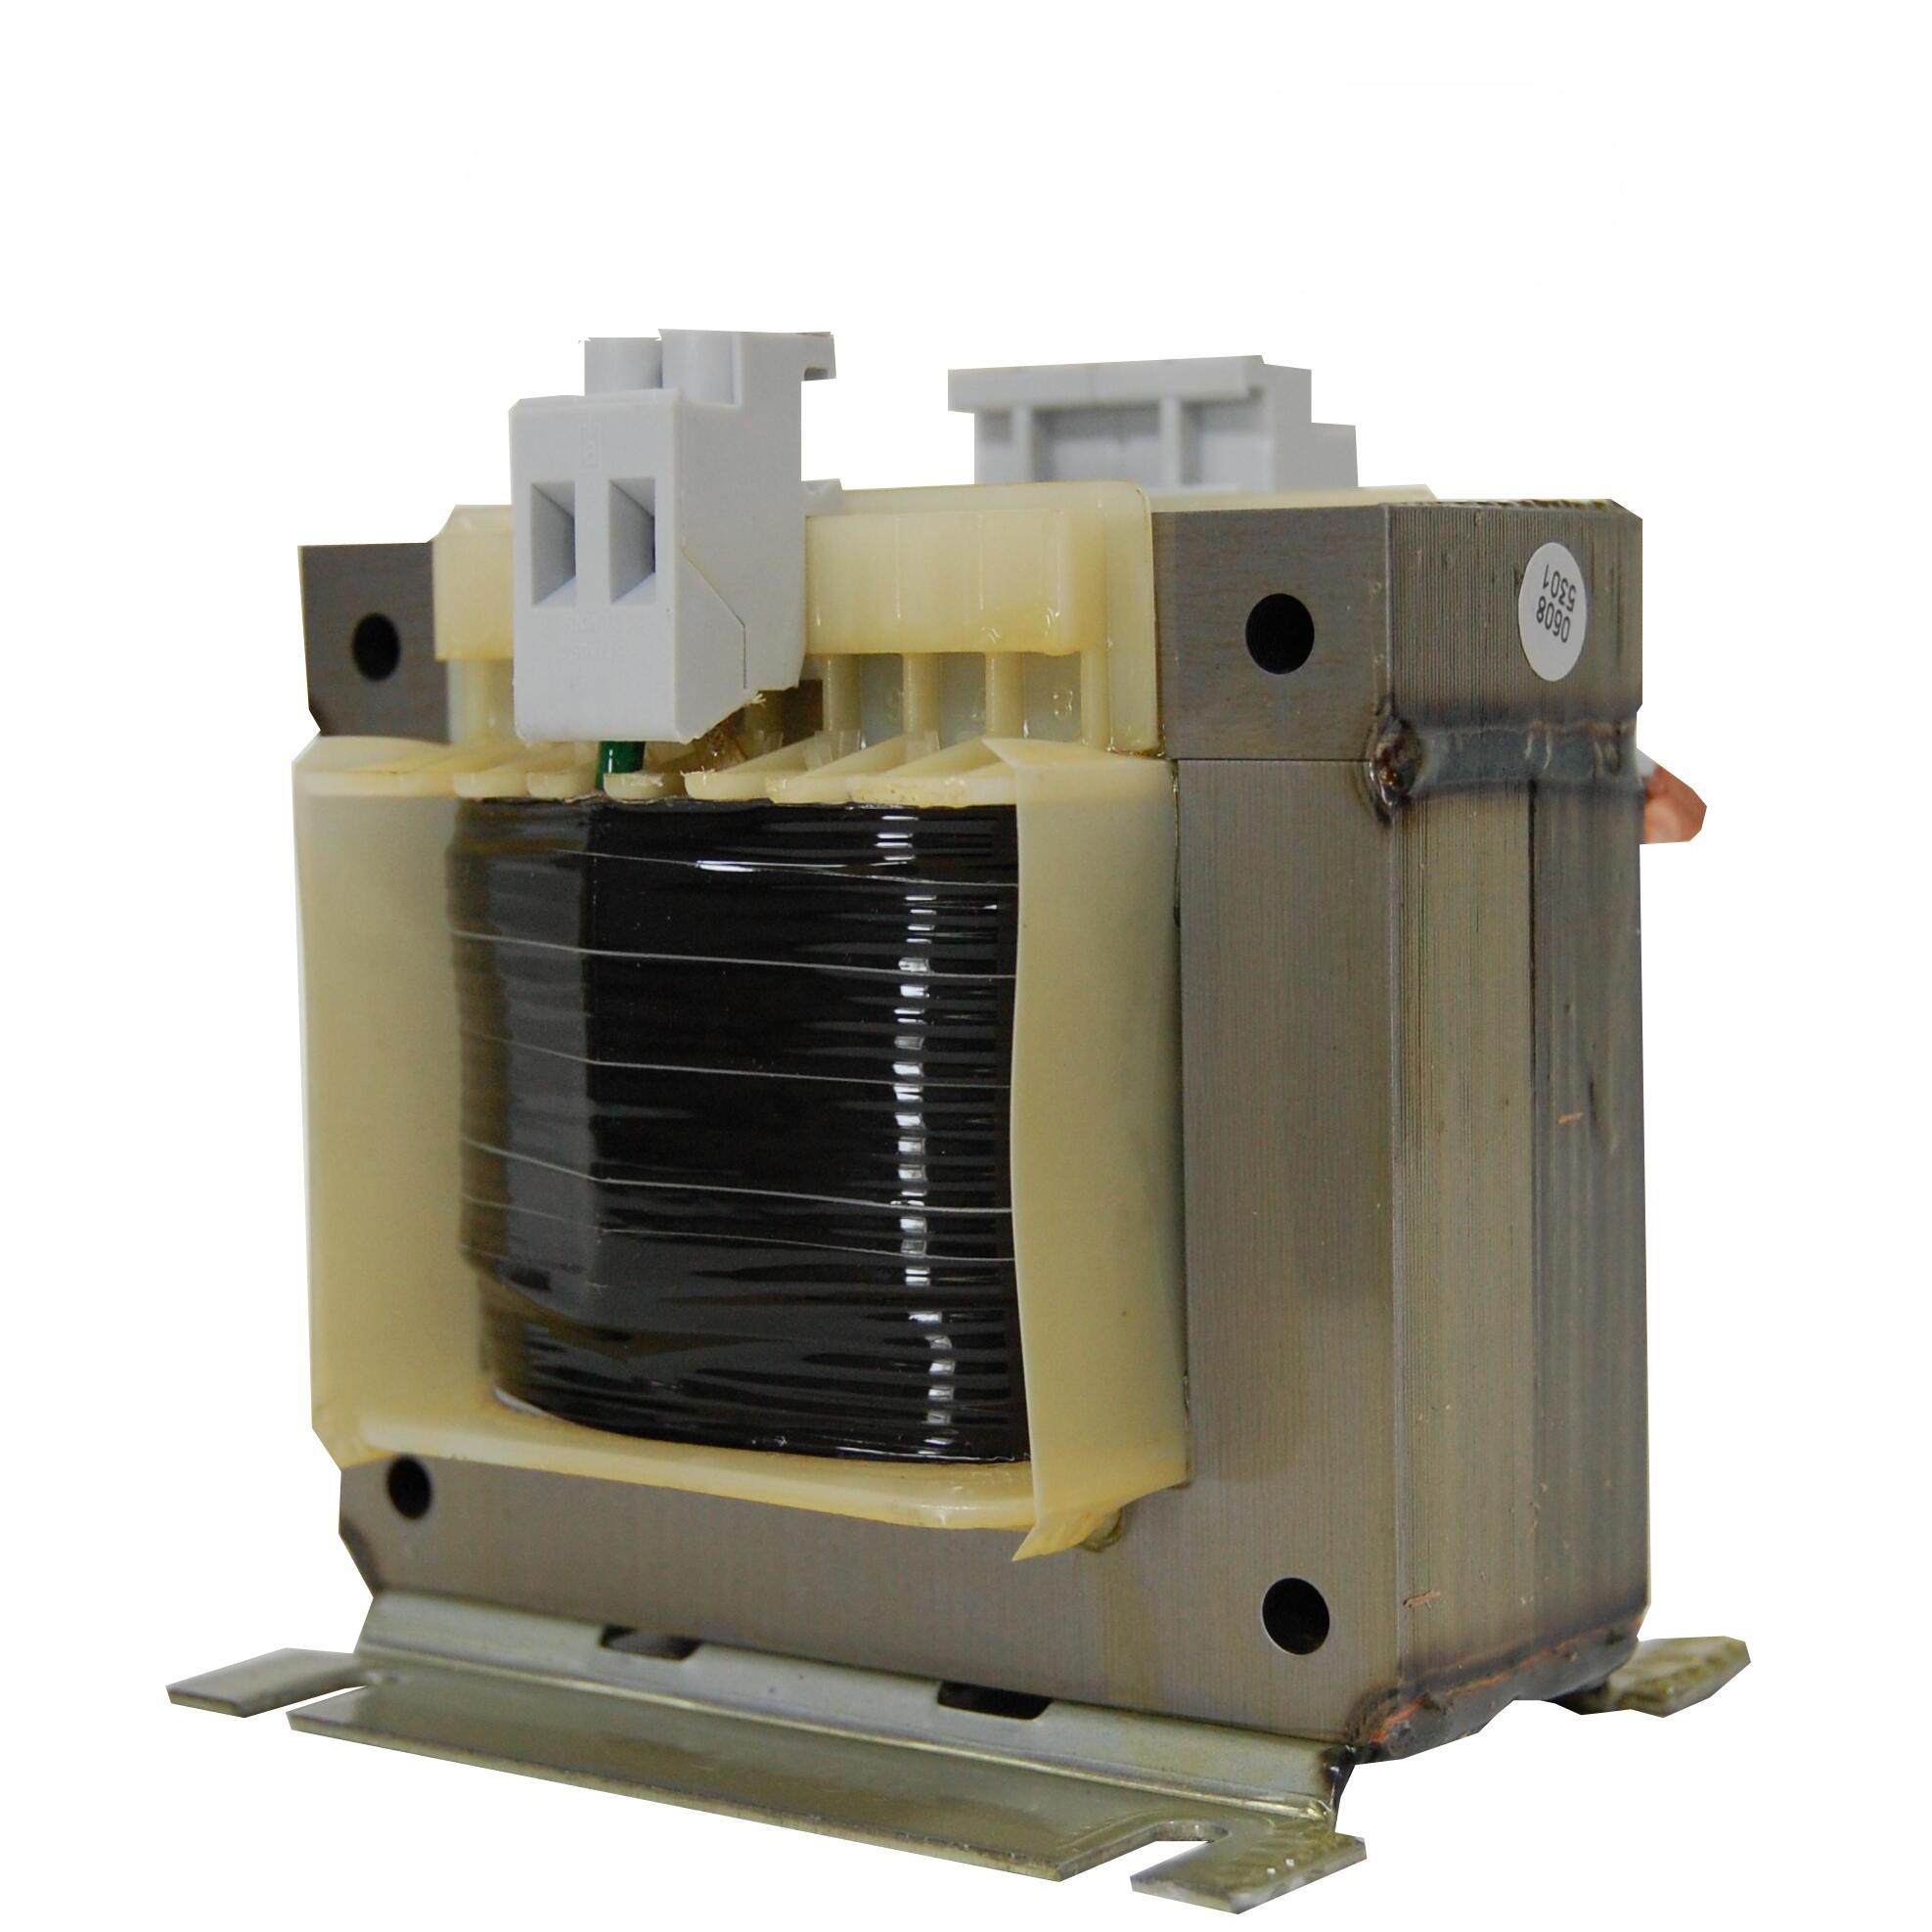 1 Stk Einphasen Steuertransformator 400/230V, 4000VA, IP00 LP604400T-